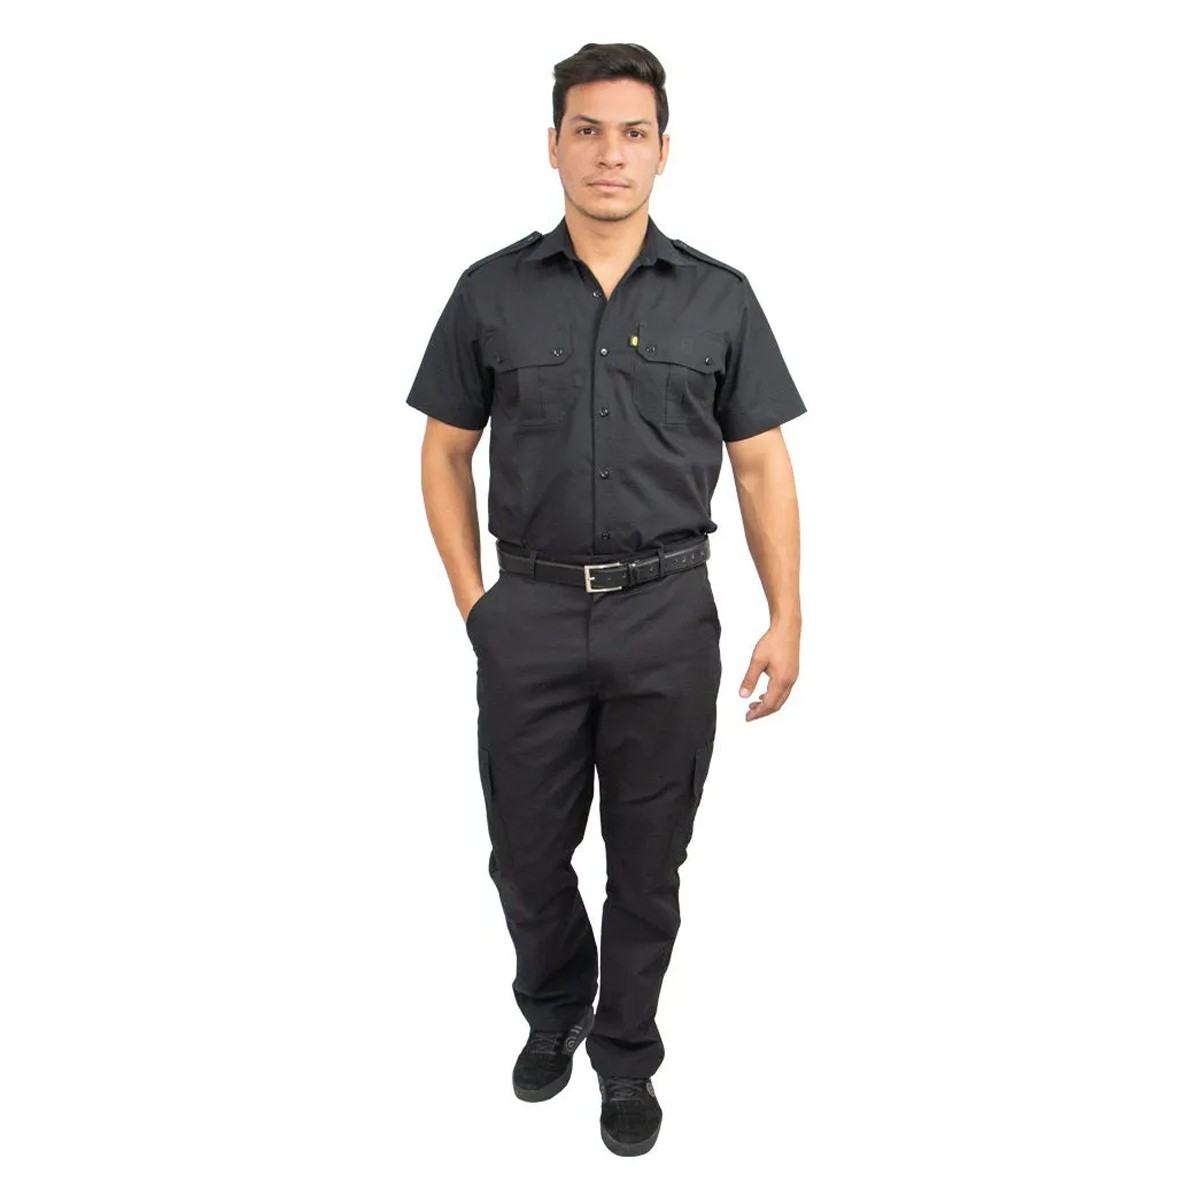 Uniforme segurança vigilante Camisa + Calça tática rit stop